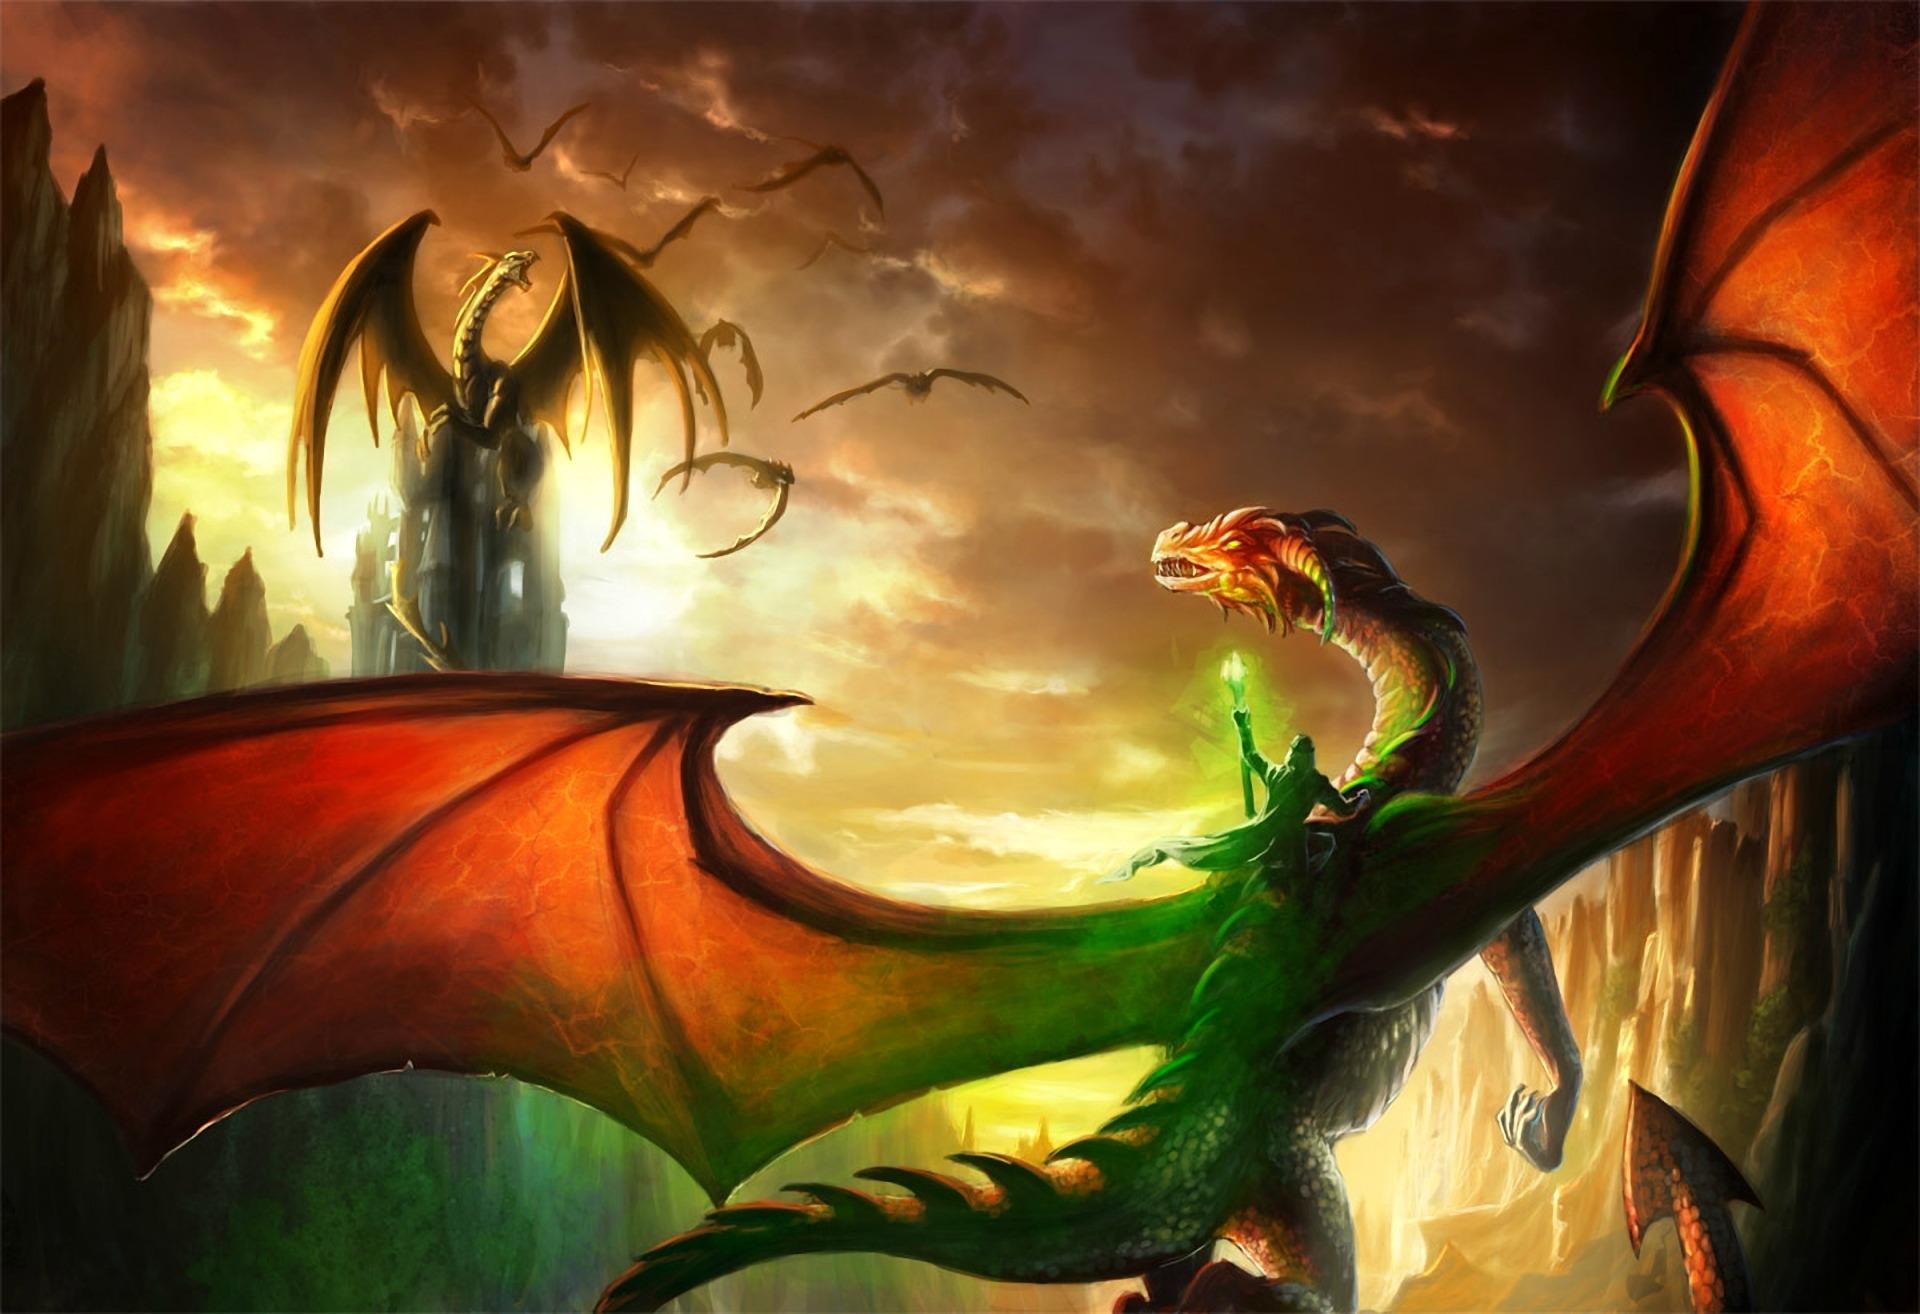 free dragon and wizard wallpaper wallpapersafari